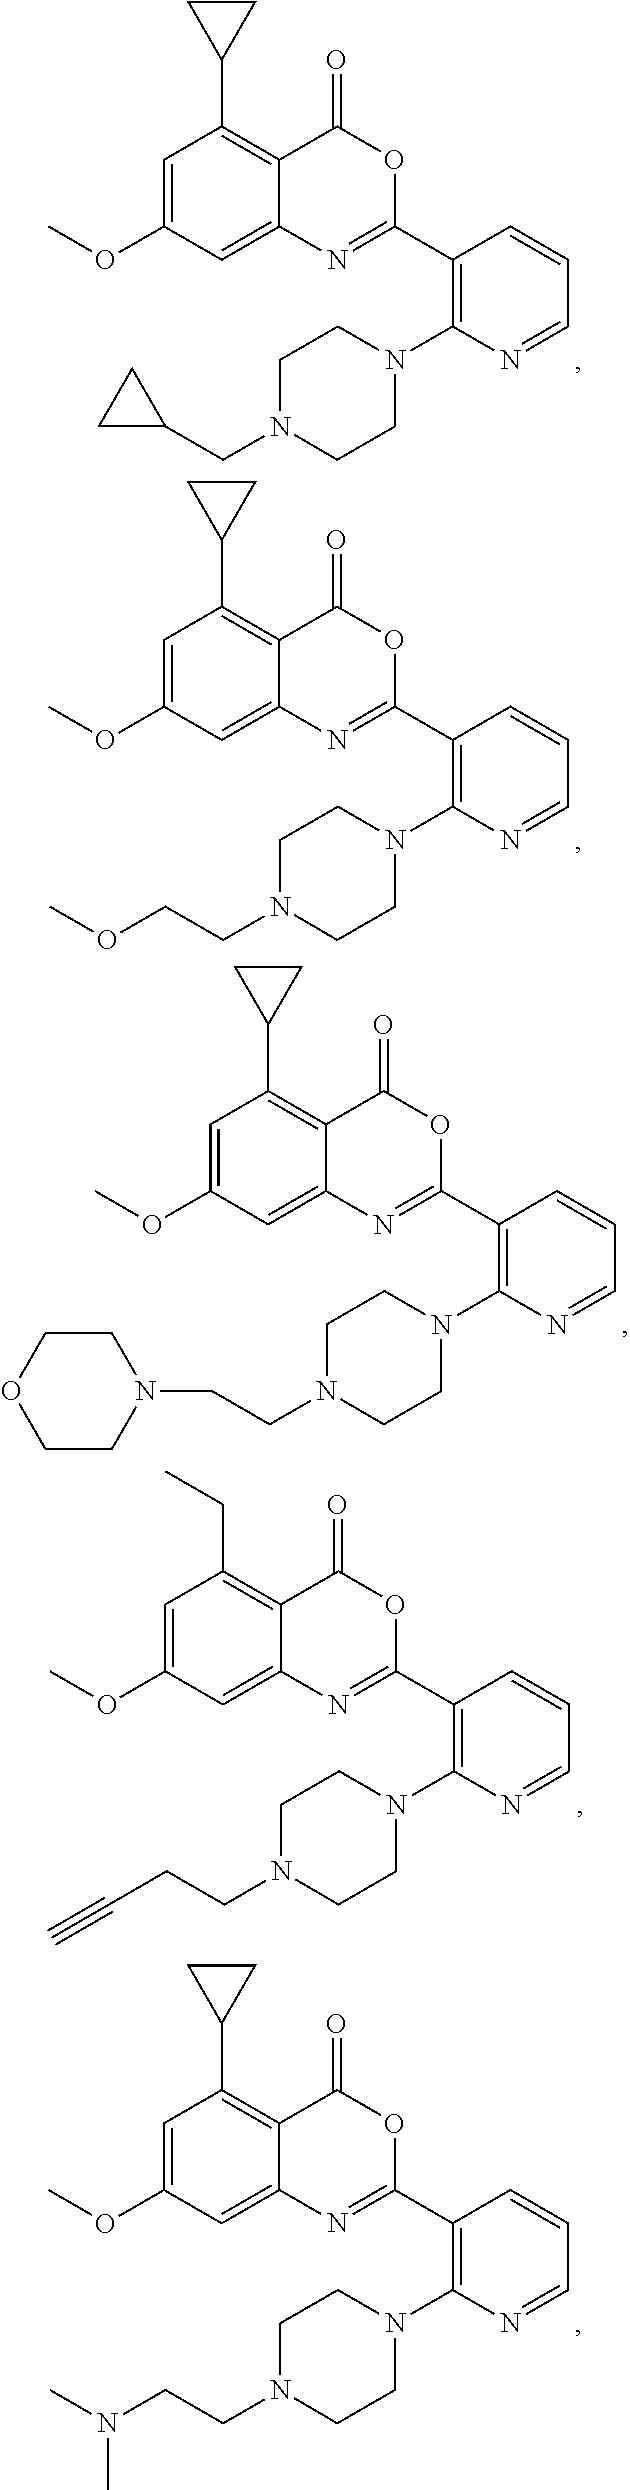 Figure US07879846-20110201-C00402